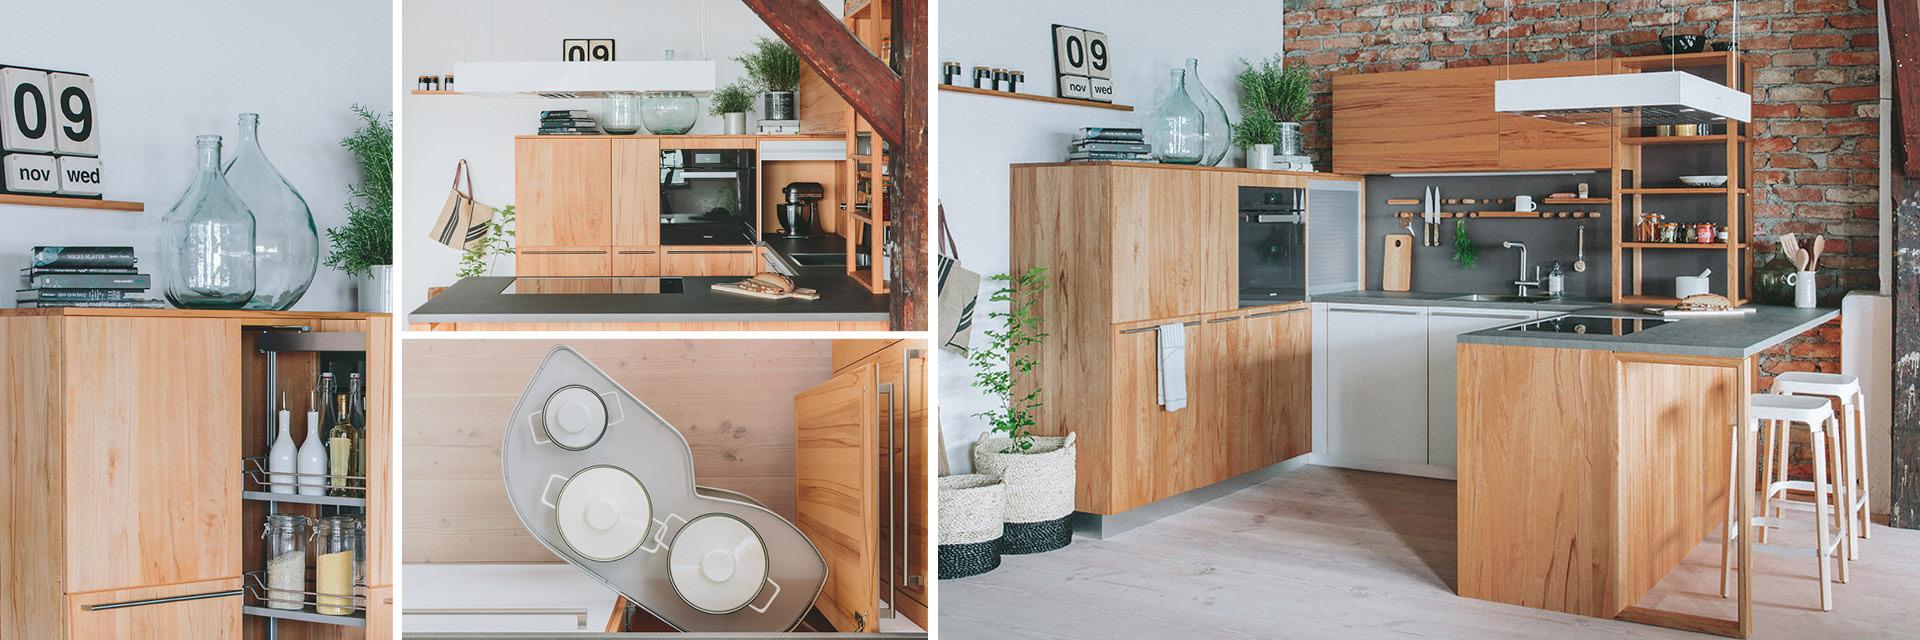 Full Size of Walden Küche Das Mbel Und Kchenhaus In Ingolstadt Schuster Home Company Singelküche Ausstellungsstück Outdoor Kaufen Lüftung Deckenleuchten Kochinsel Wohnzimmer Walden Küche